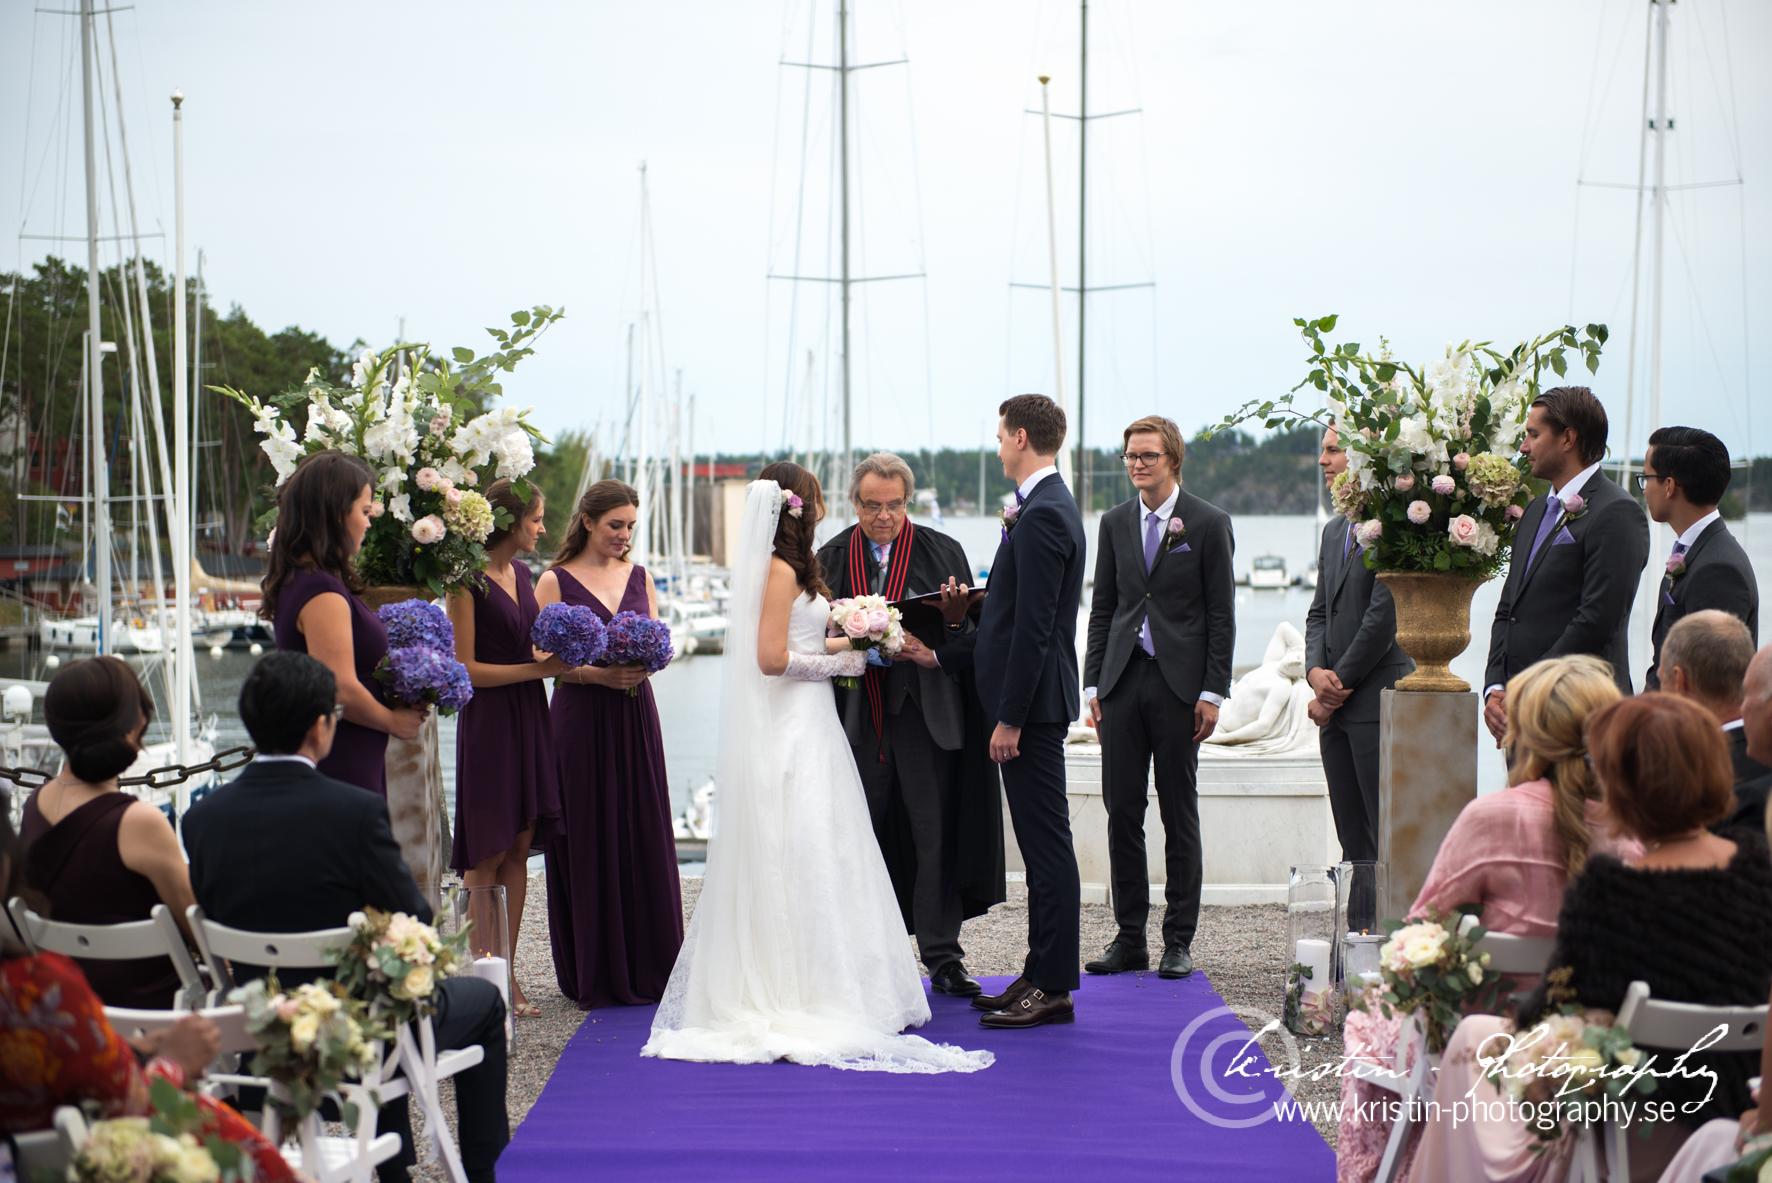 Bröllopsfotograf i Eskilstuna, Kristin - Photography-173.jpg